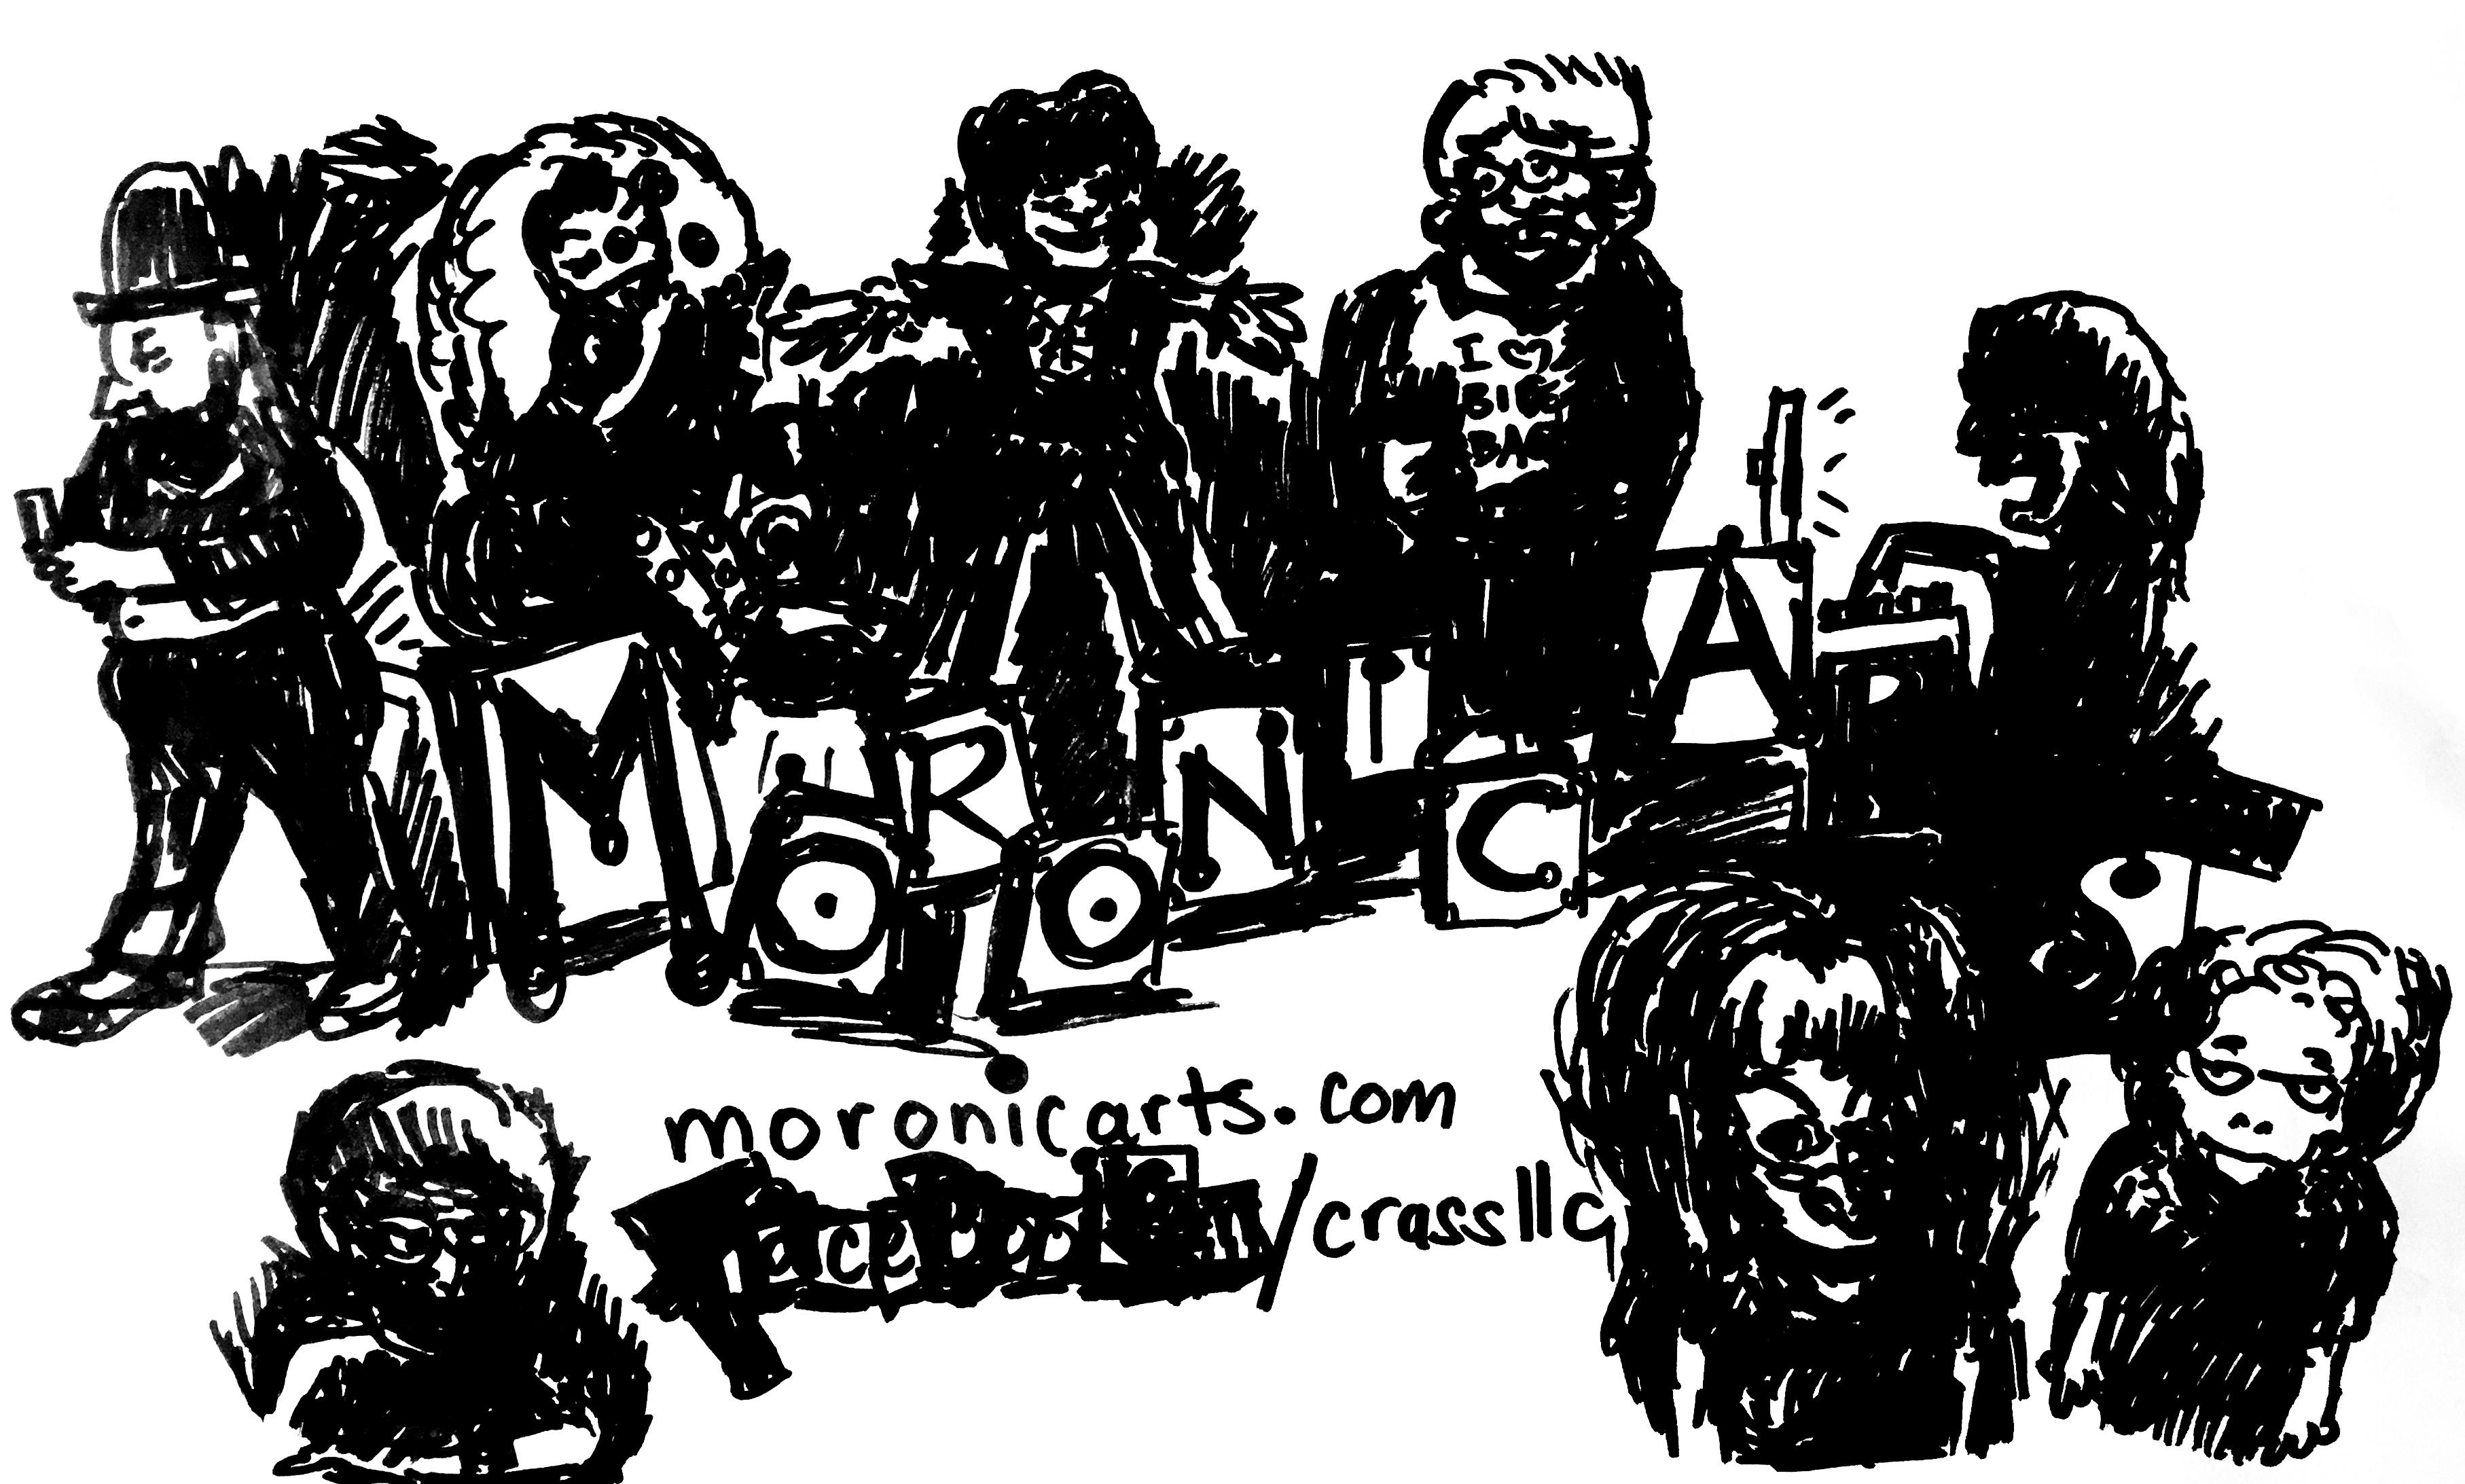 MoronicArts